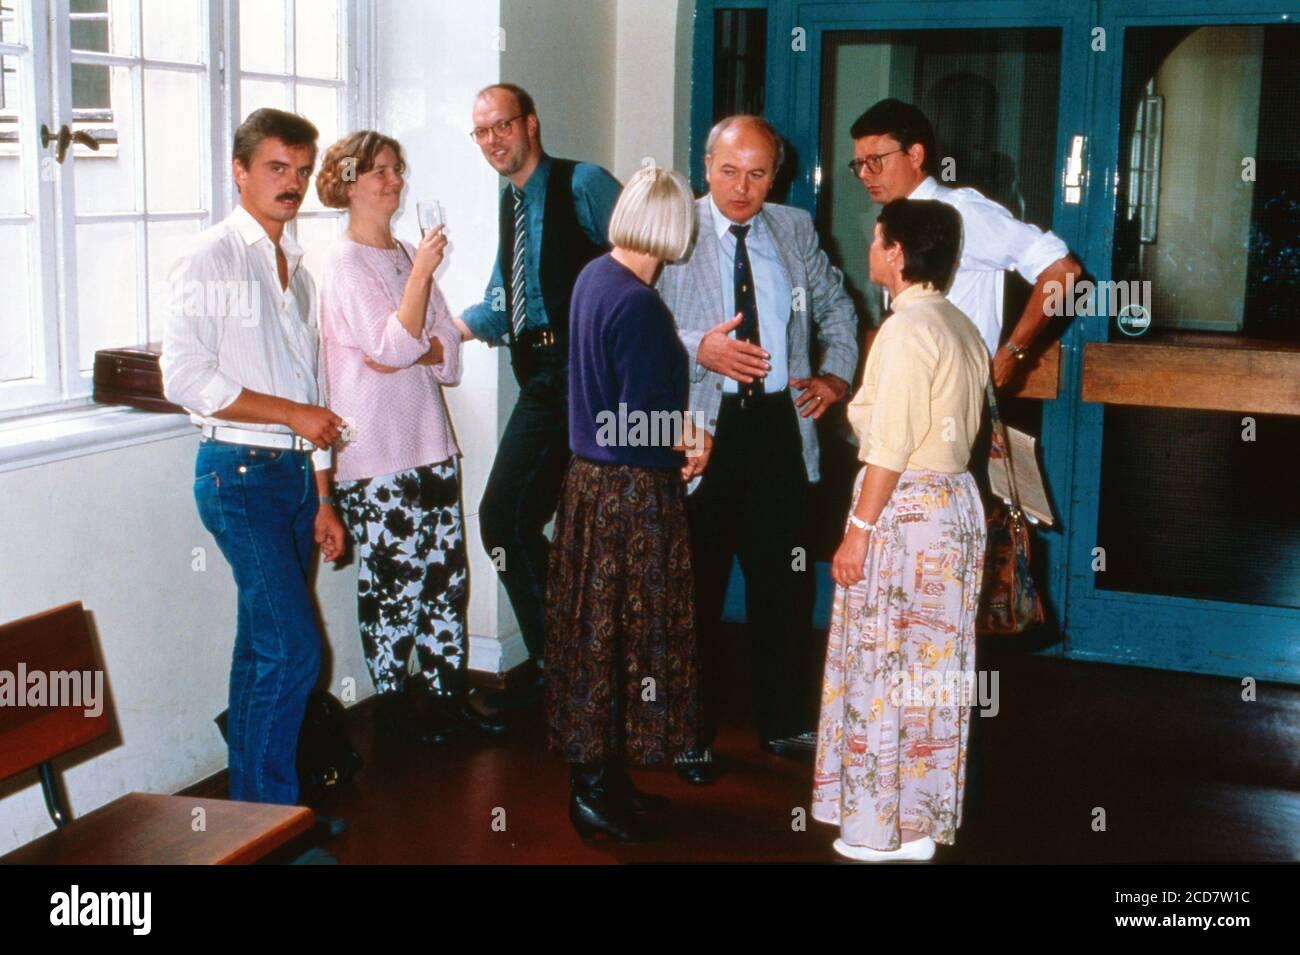 Bildreportage: Prozess Linn Westedt, Absprachen vor dem Gerichtssaal in Hamburg, Deutschland 1990. Stock Photo